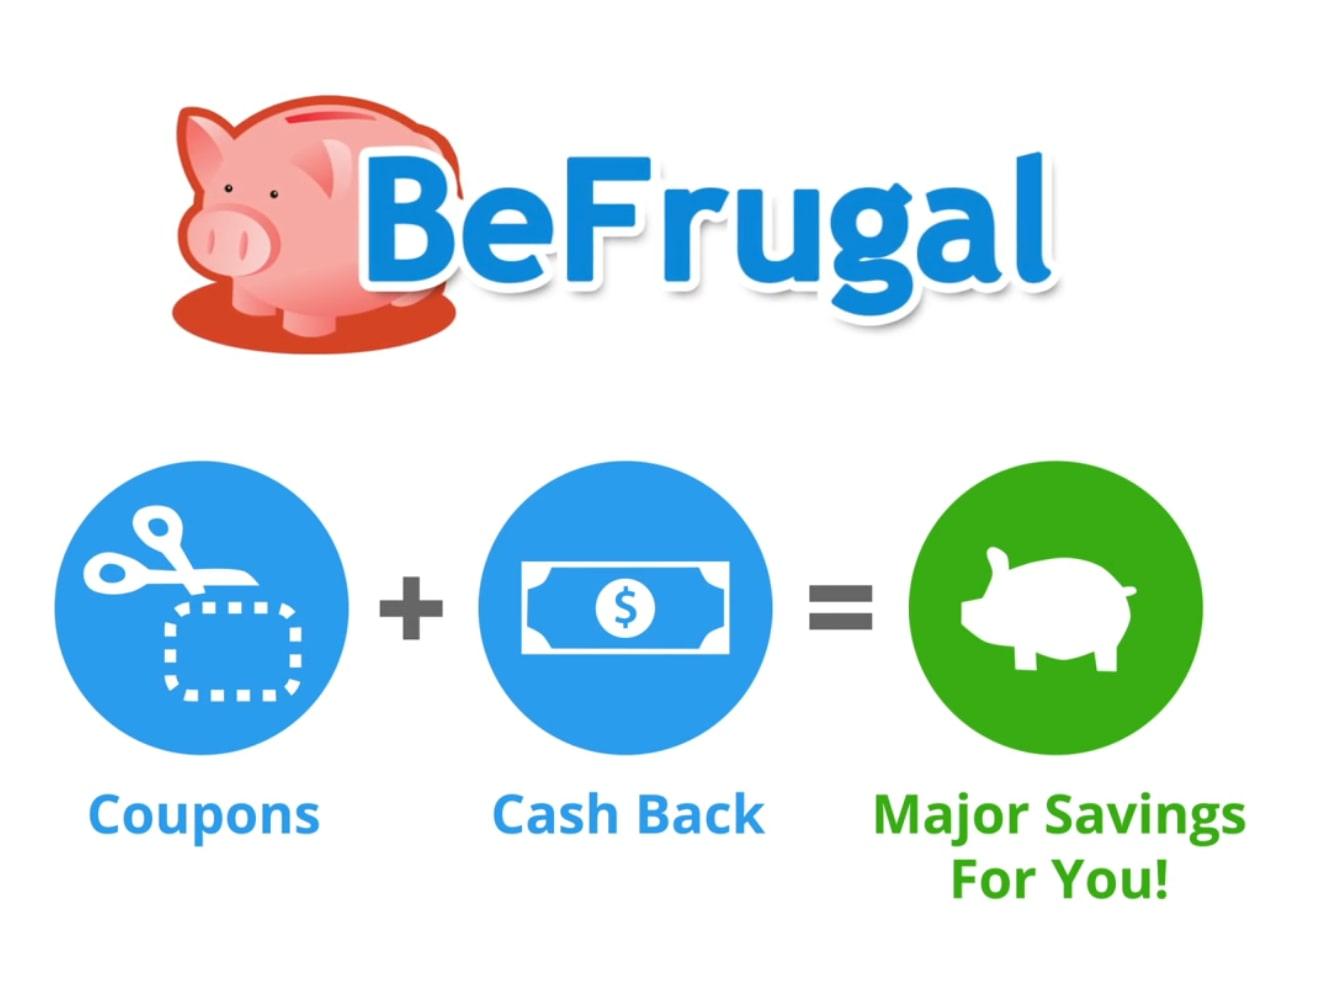 Get $10 sign up bonus on BeFrugal!